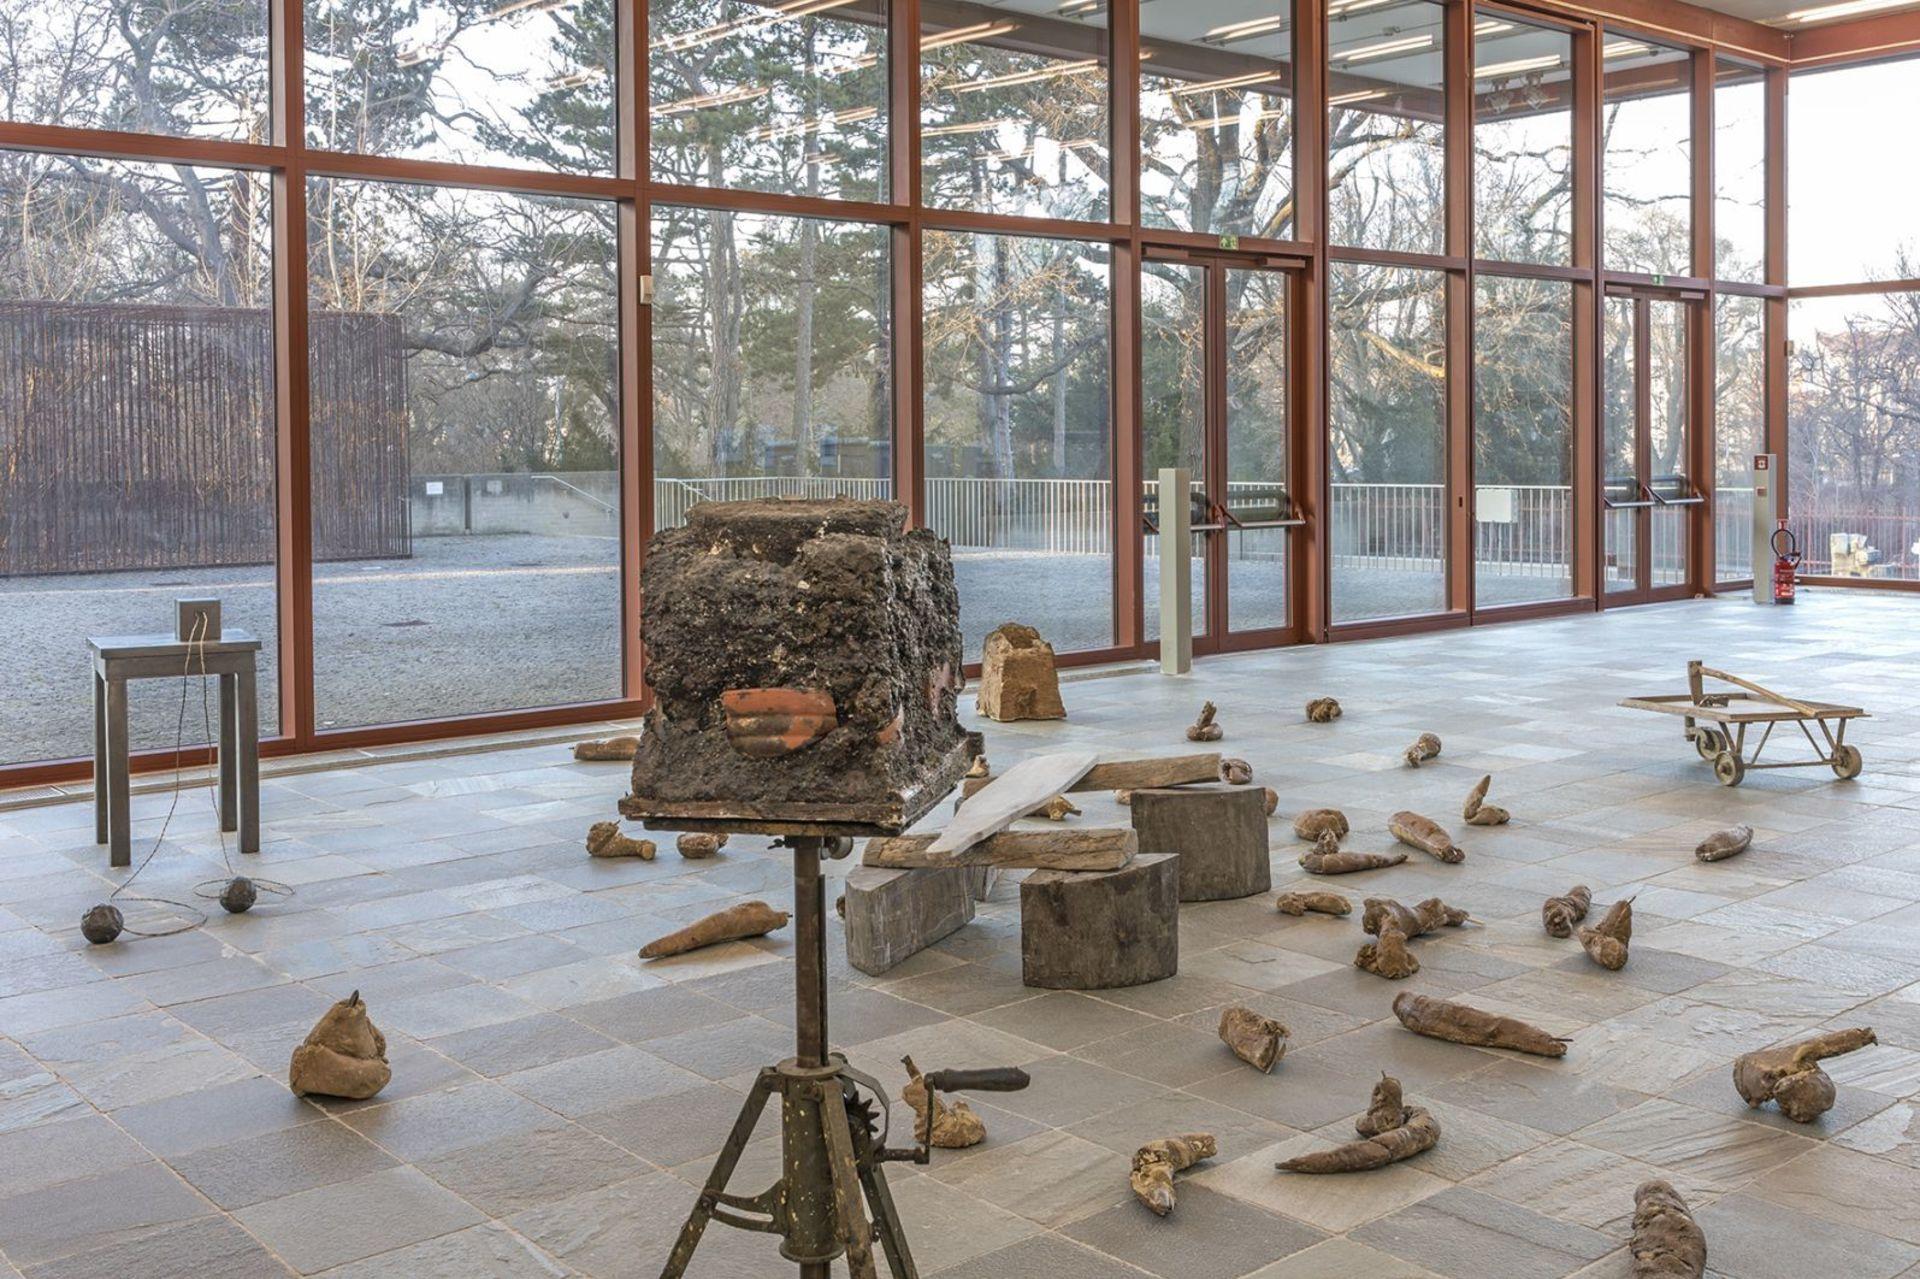 VYSTAVA VIDEN_609983 - Beuys Presse 3a.jpg